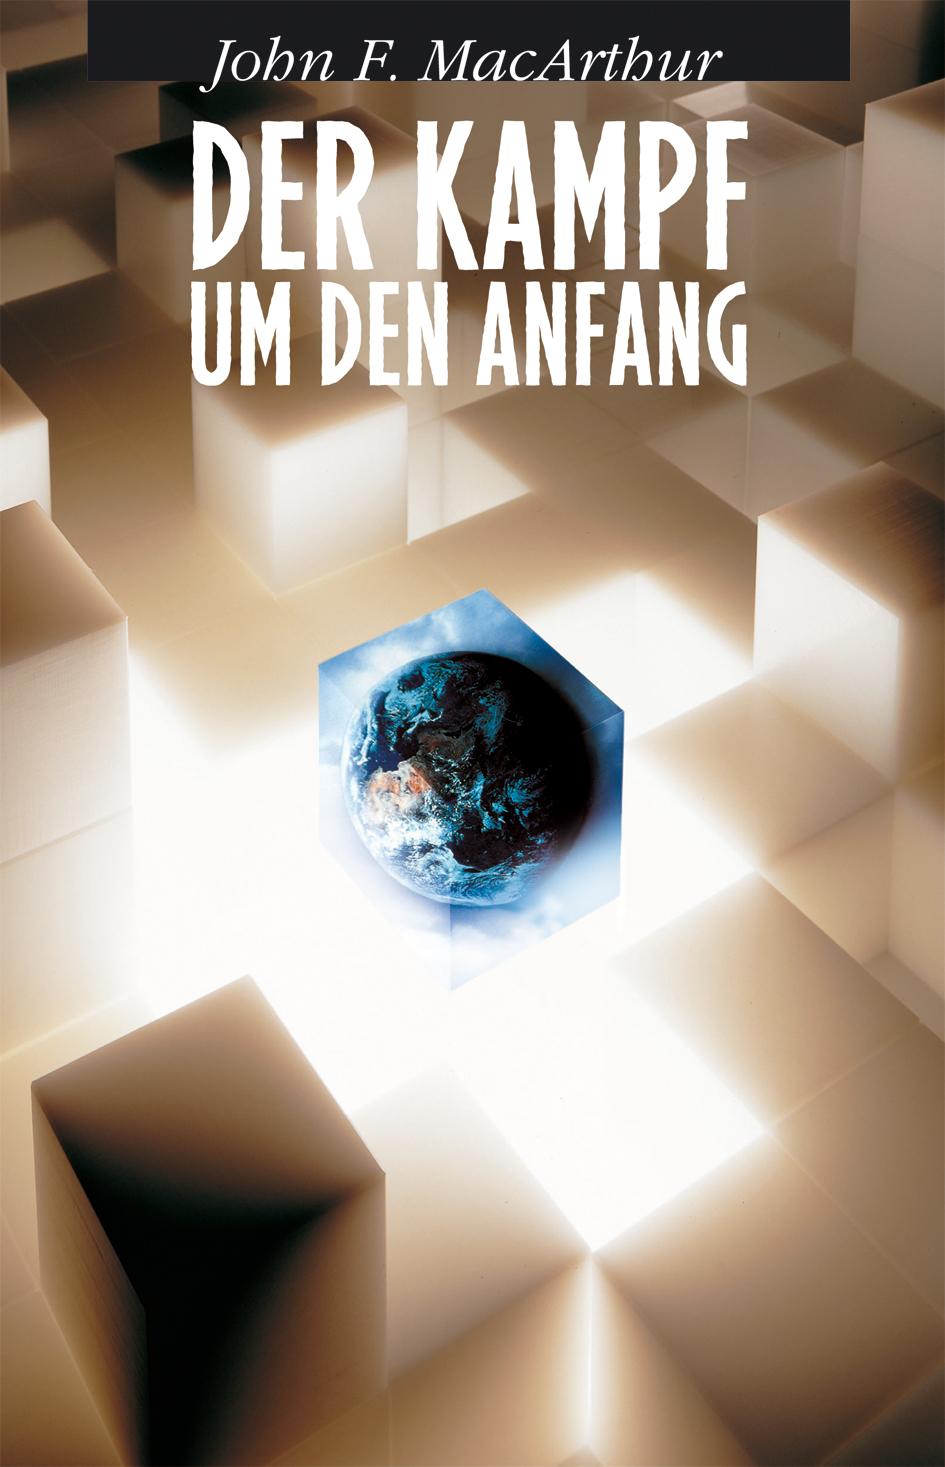 CLV_der-kampf-um-den-anfang_john-f-macarthur_255951_1